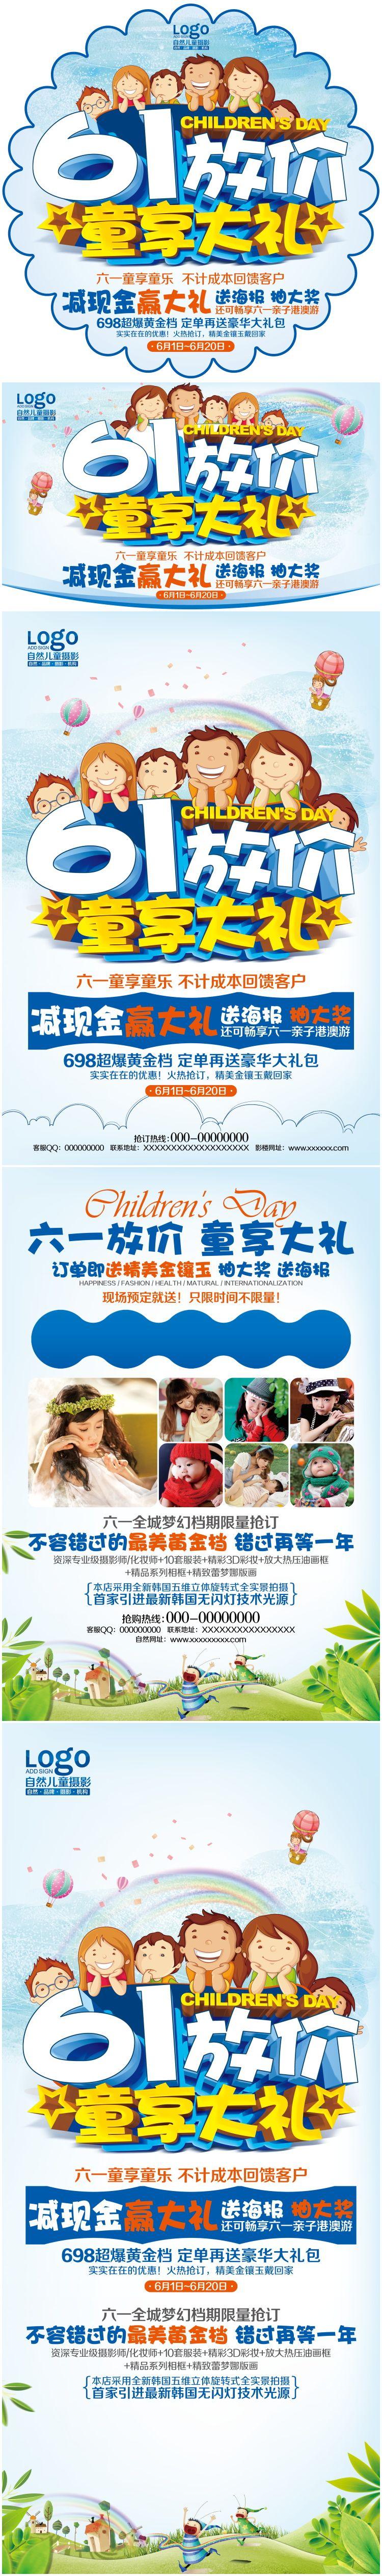 儿童摄影宝宝照店庆优惠活动方案策划影楼DM宣传广告海报PSD模板